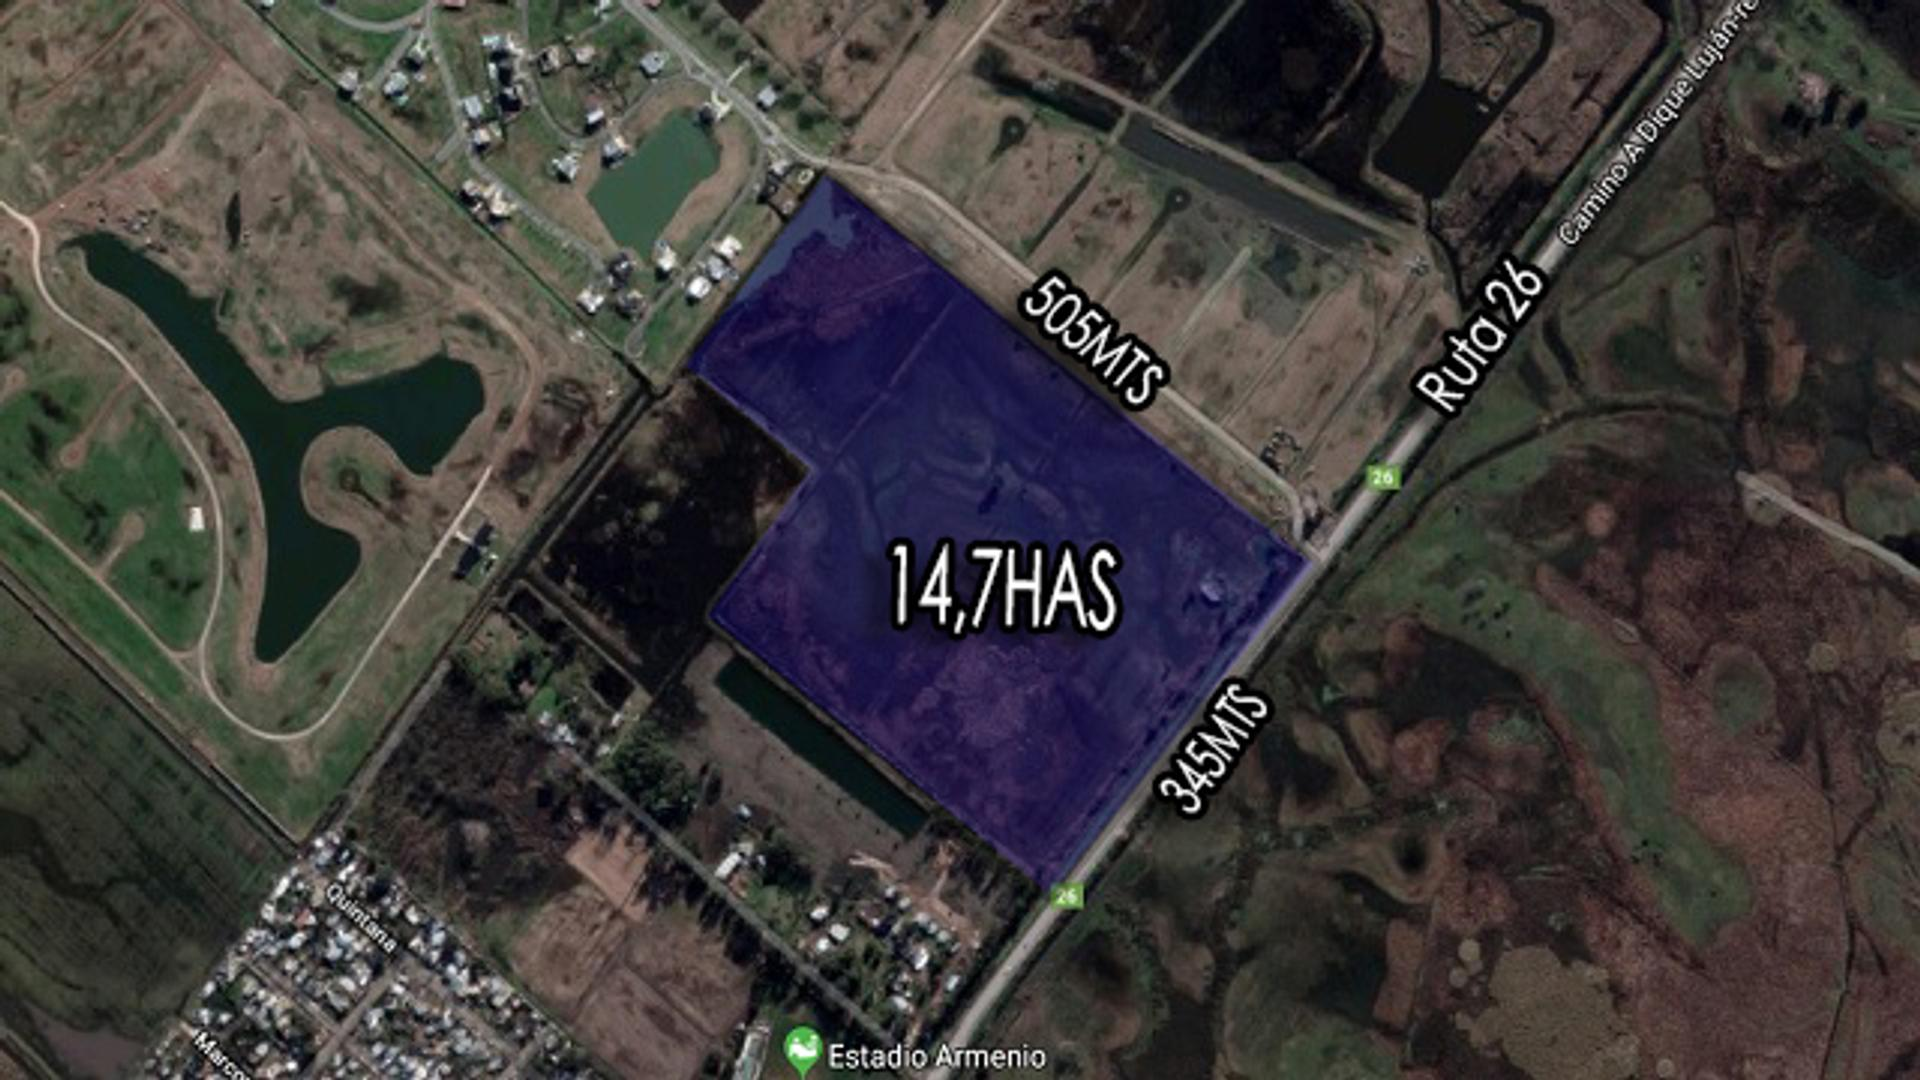 Ruta 26 100 - Consulte precio - Campo en Venta